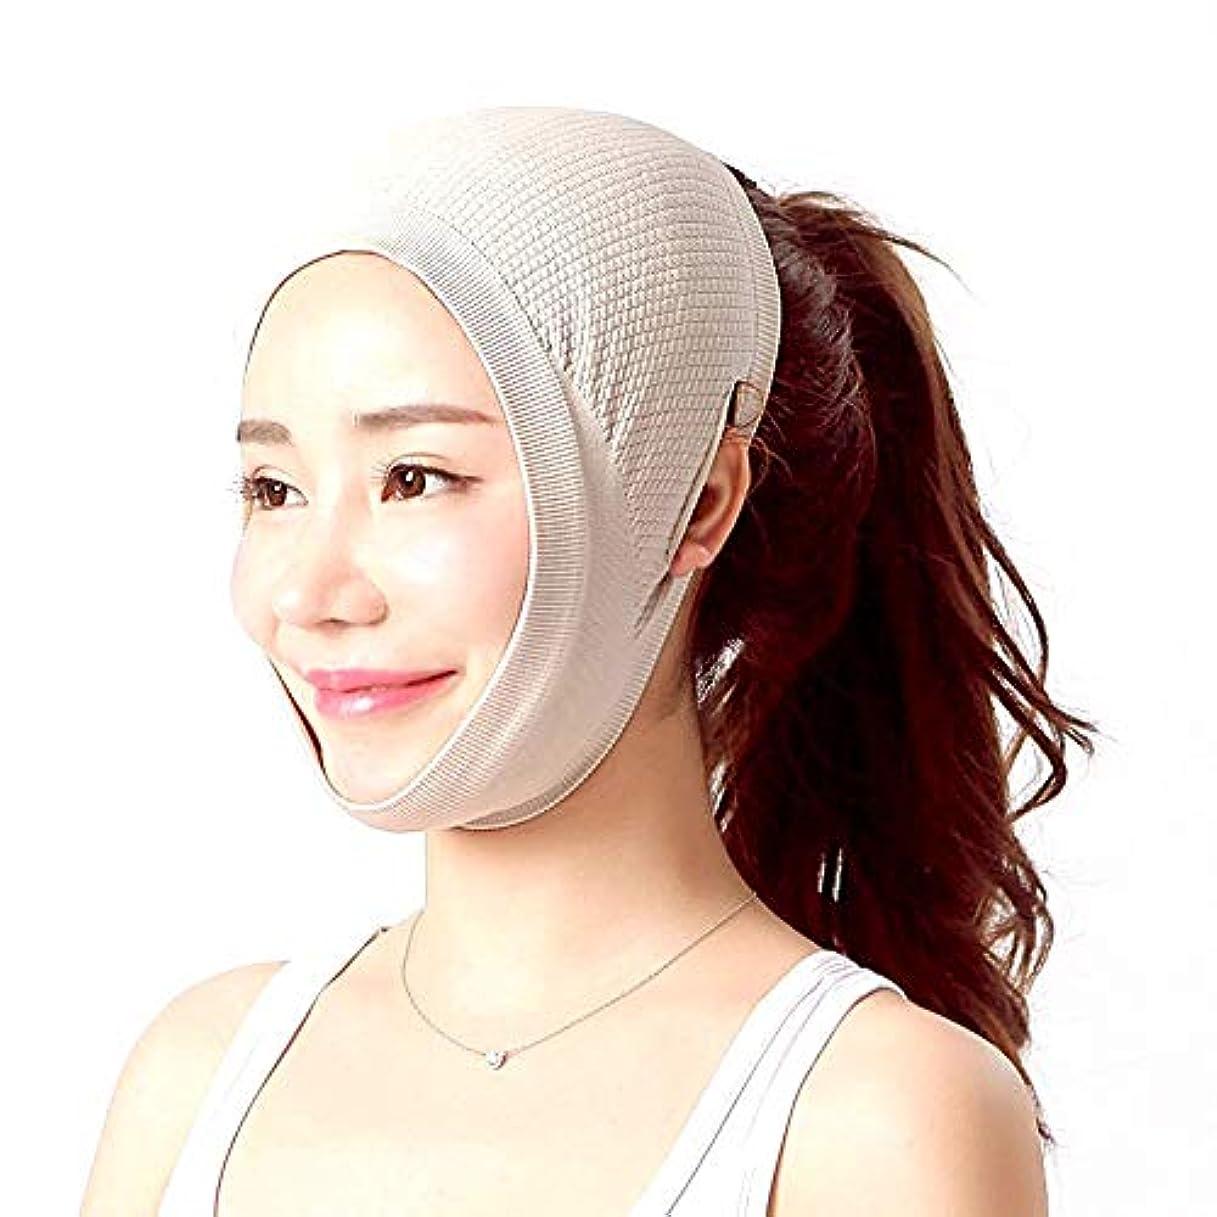 報奨金流産ひそかにフェイスリフティングアーティファクト包帯ライン術後回復包帯リフティングフェイスフードVフェイス包帯リフティングVフェイス美容マスク - 肌のトーン